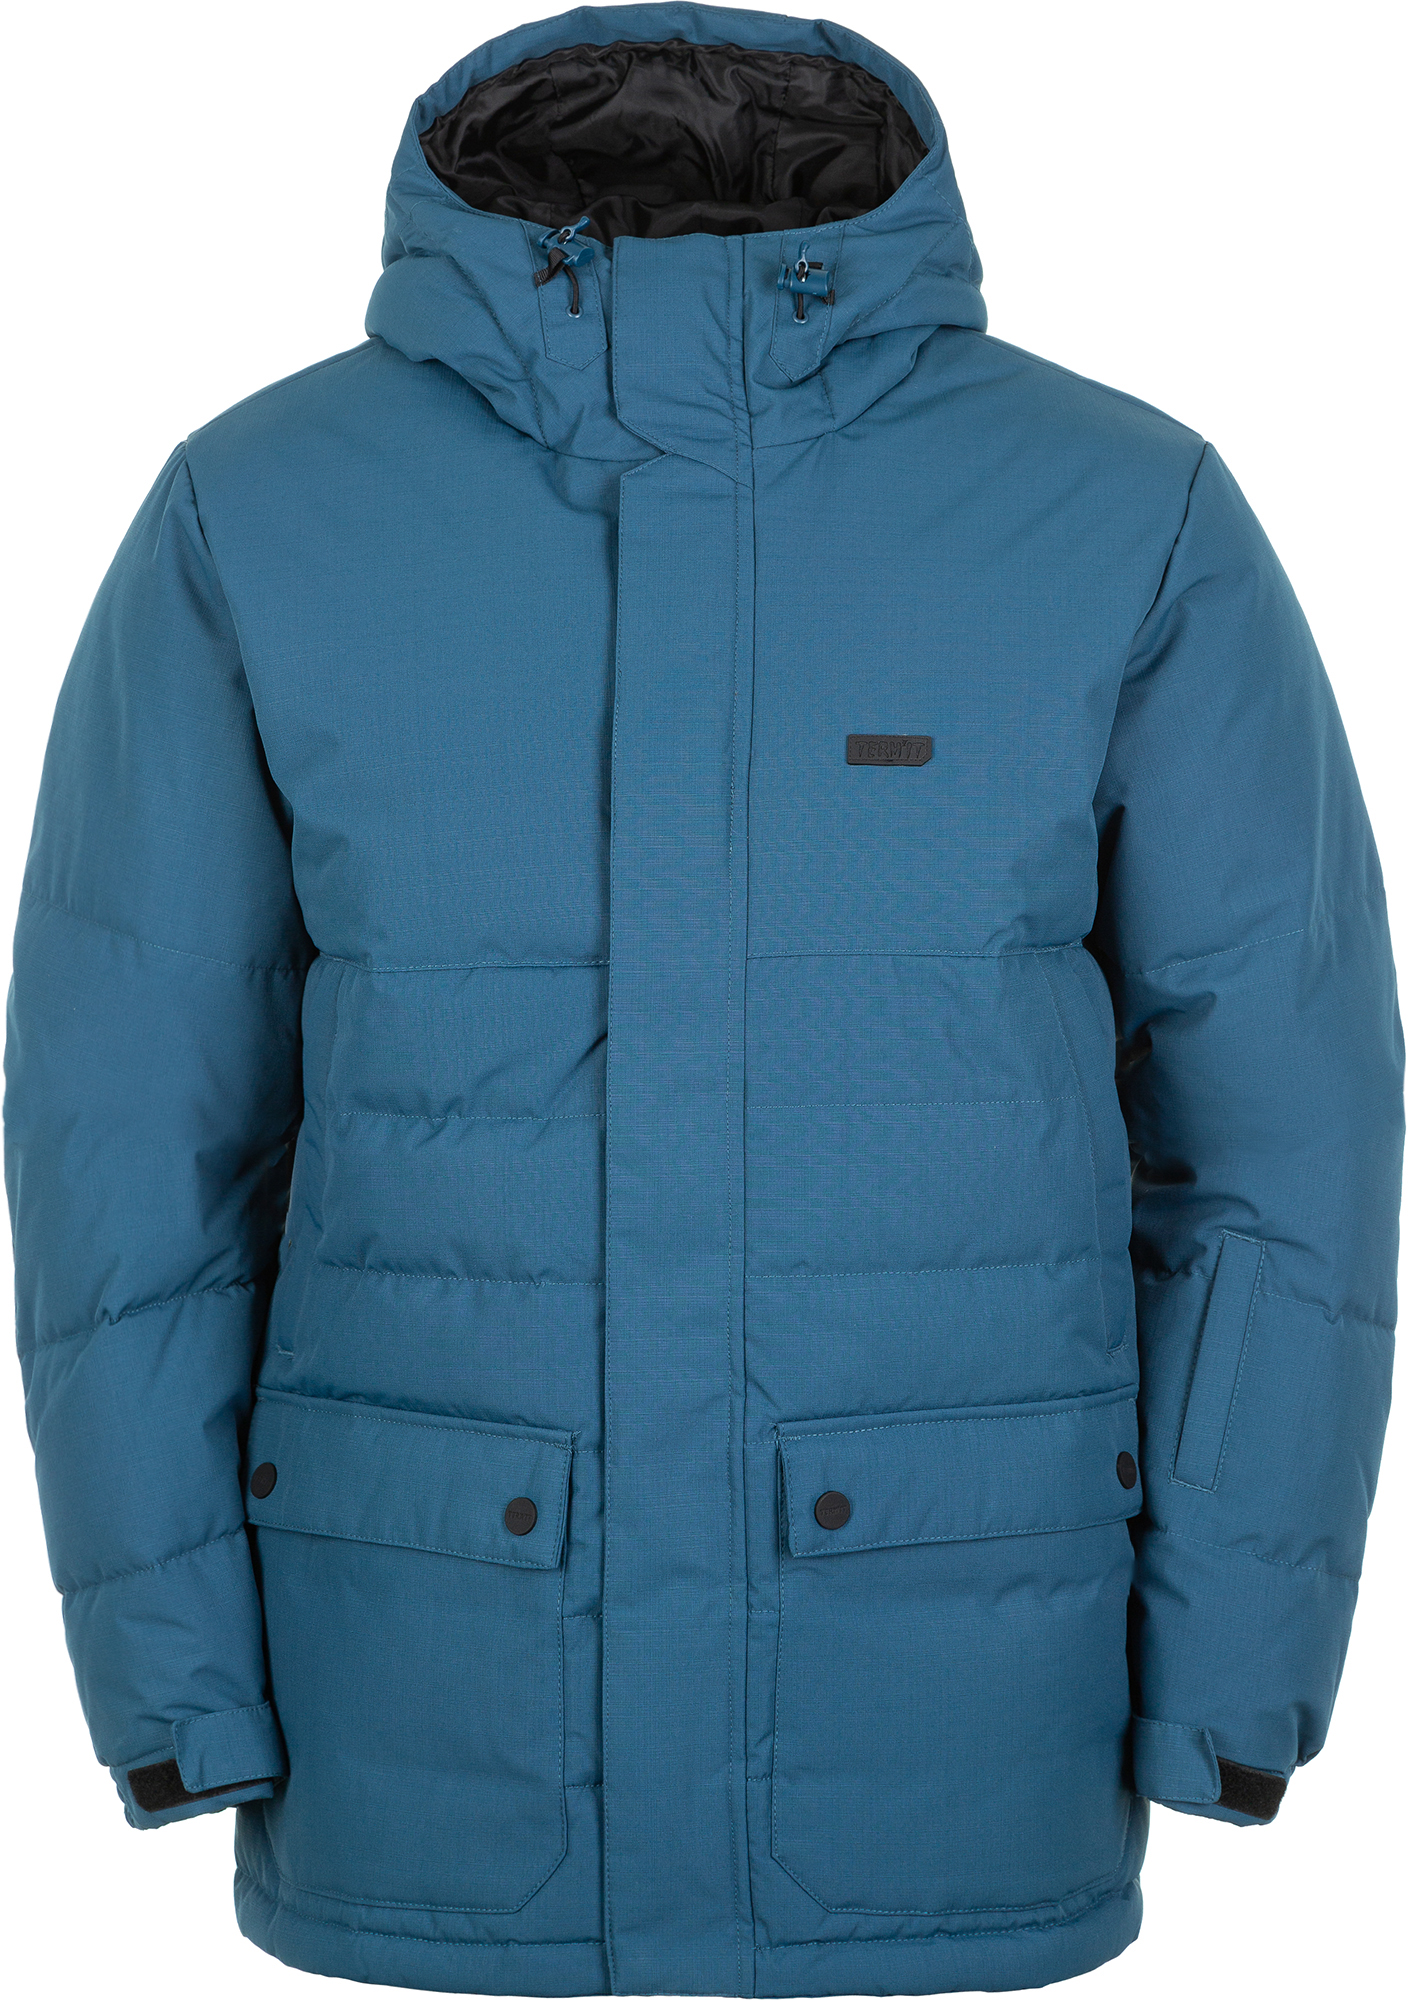 Termit Куртка пуховая мужская Termit, размер 54 цена 2017